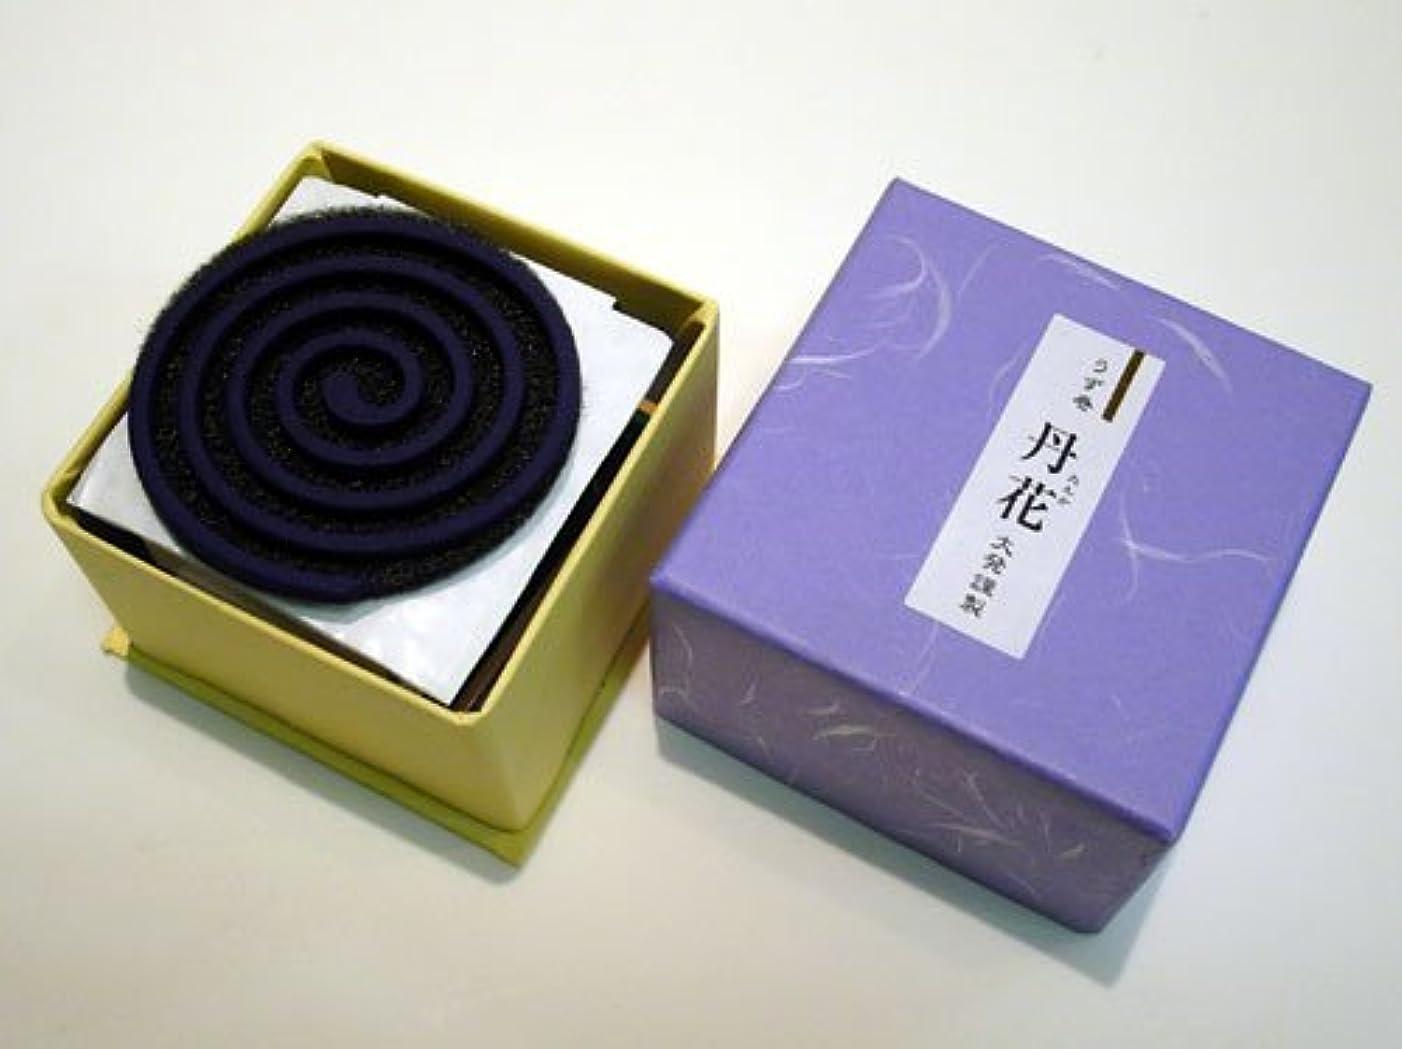 ケーブルカー歯科医支援する甘酸っぱいエキゾチックな香り 「うず巻丹花(たんか)紫」 大発【お香】